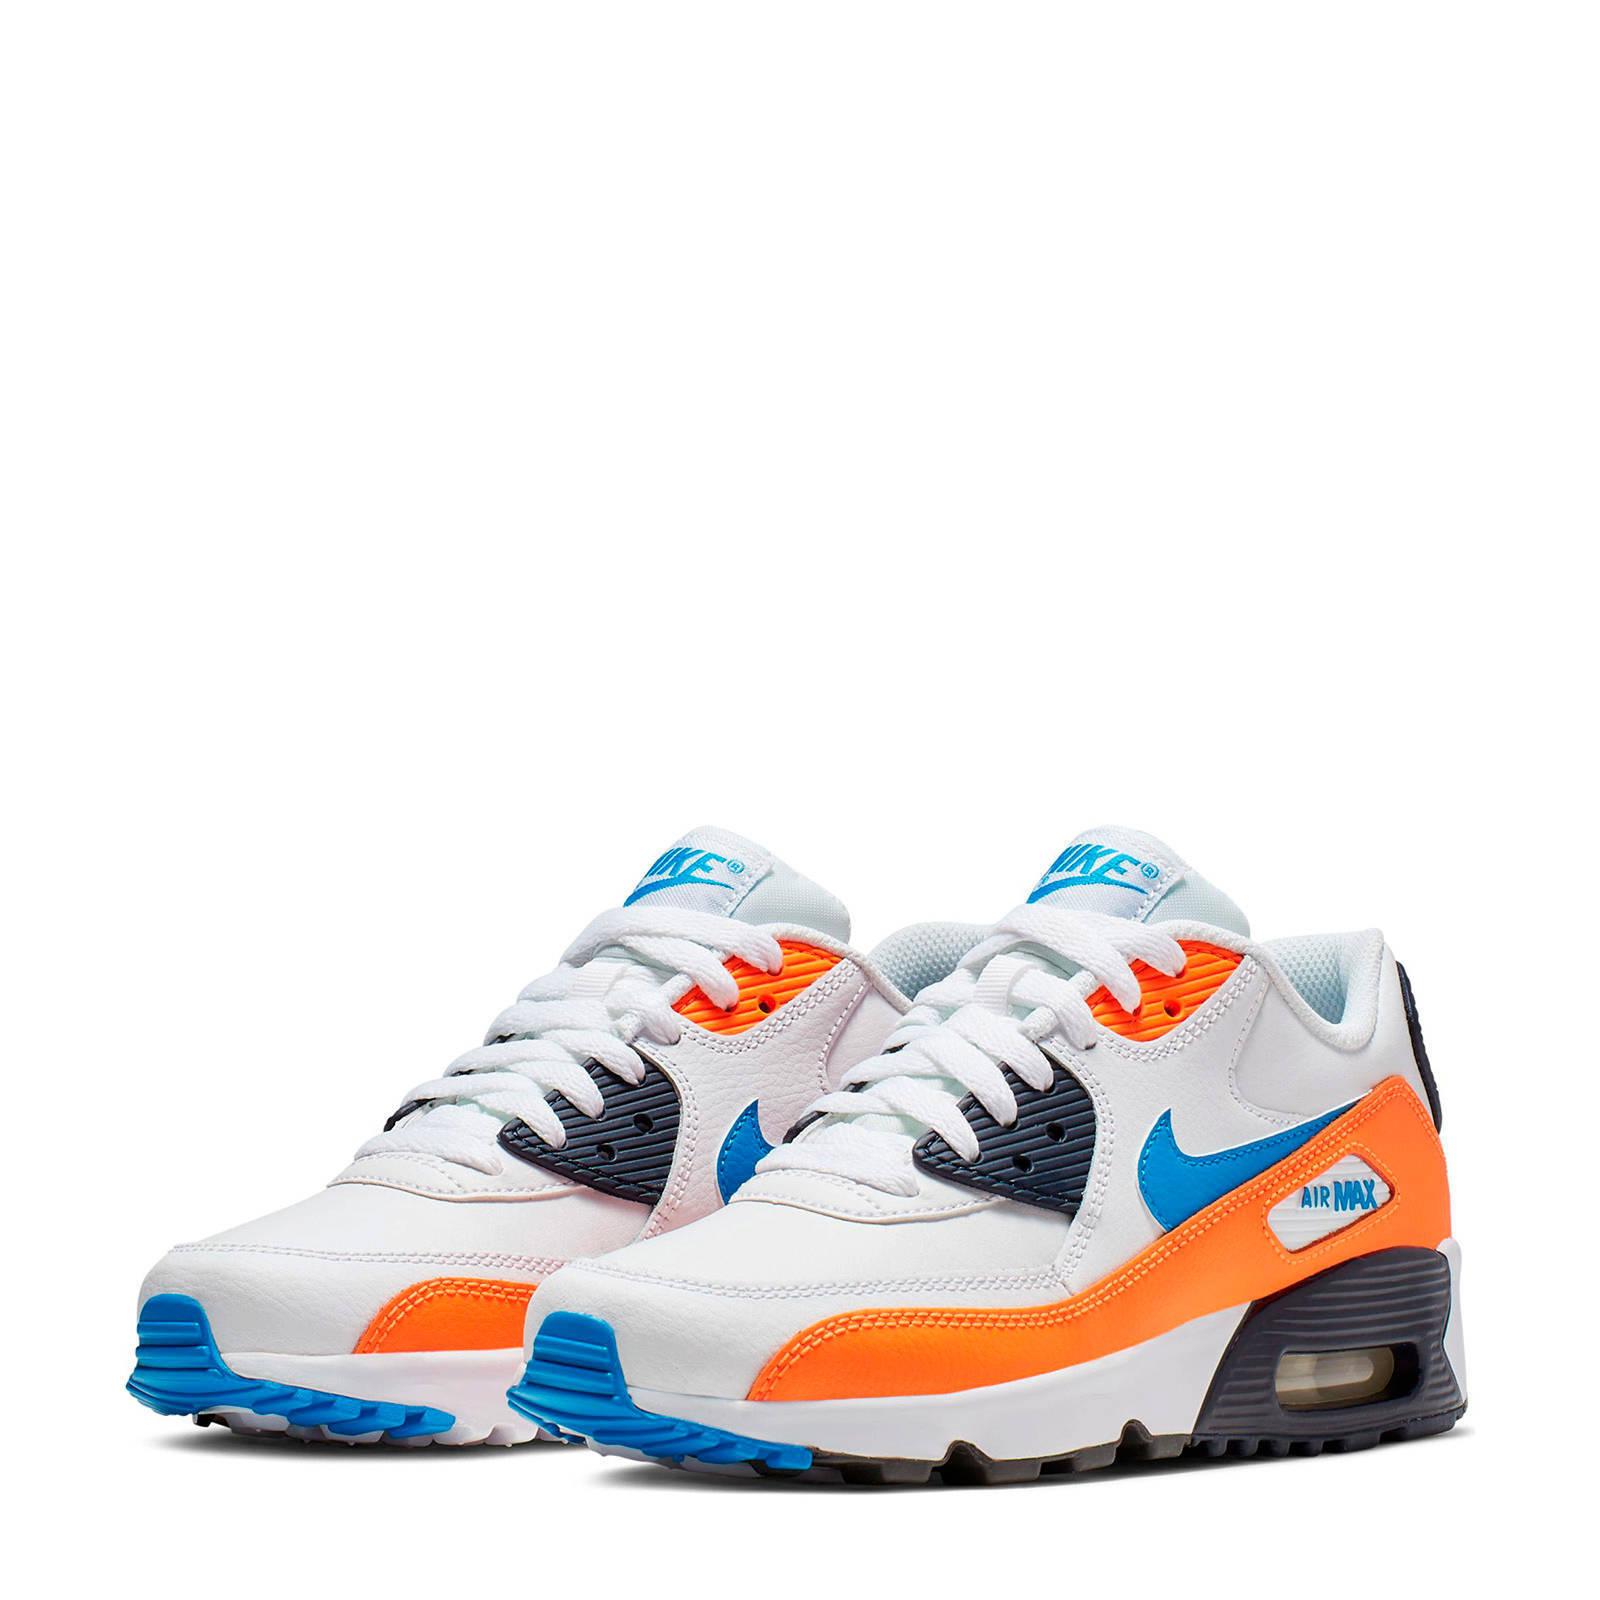 nike air max blauw oranje